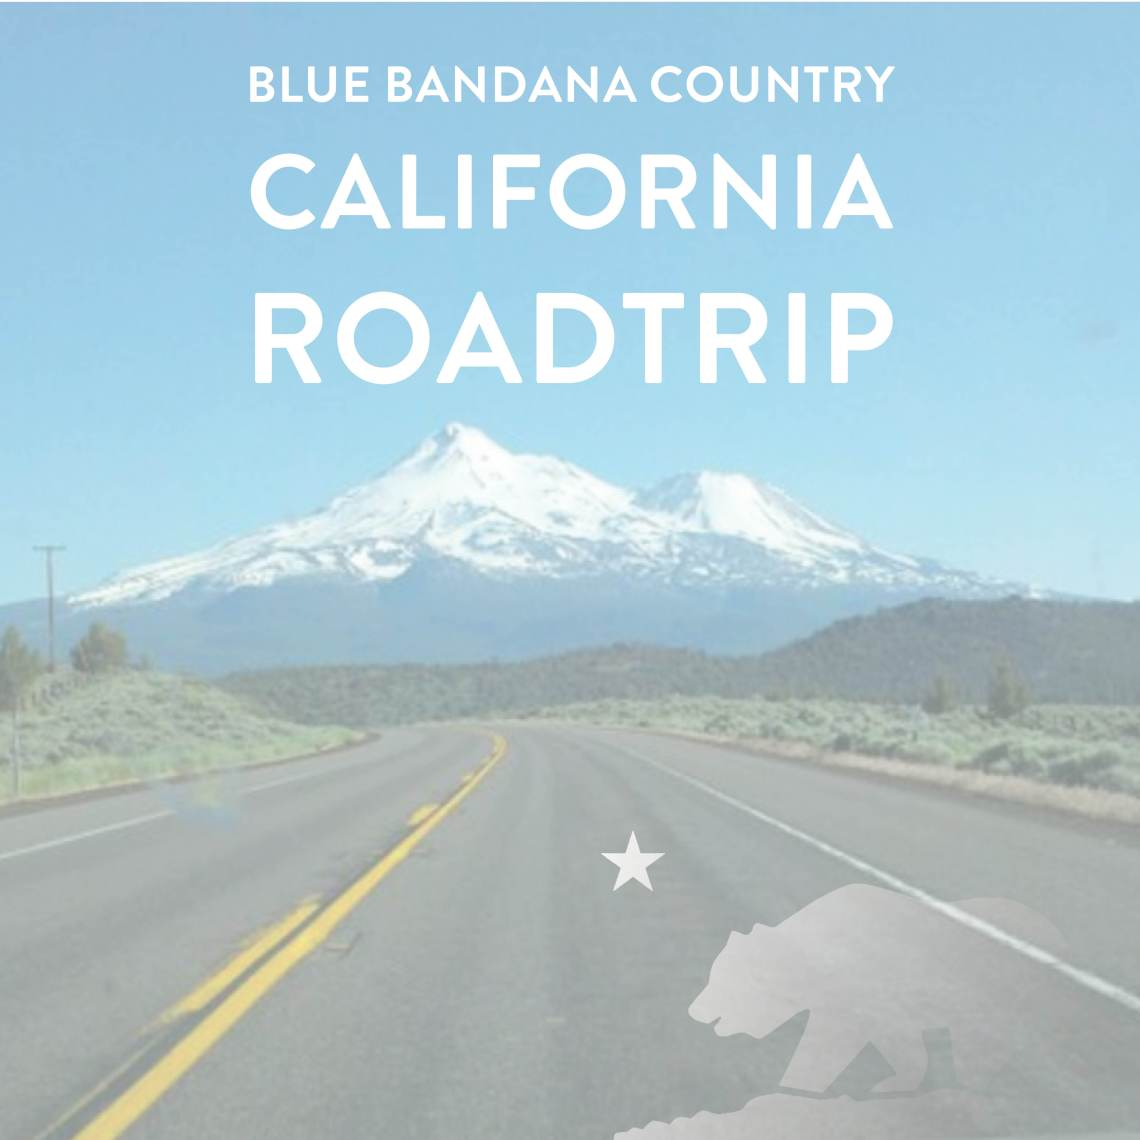 califorina road trip2.JPG